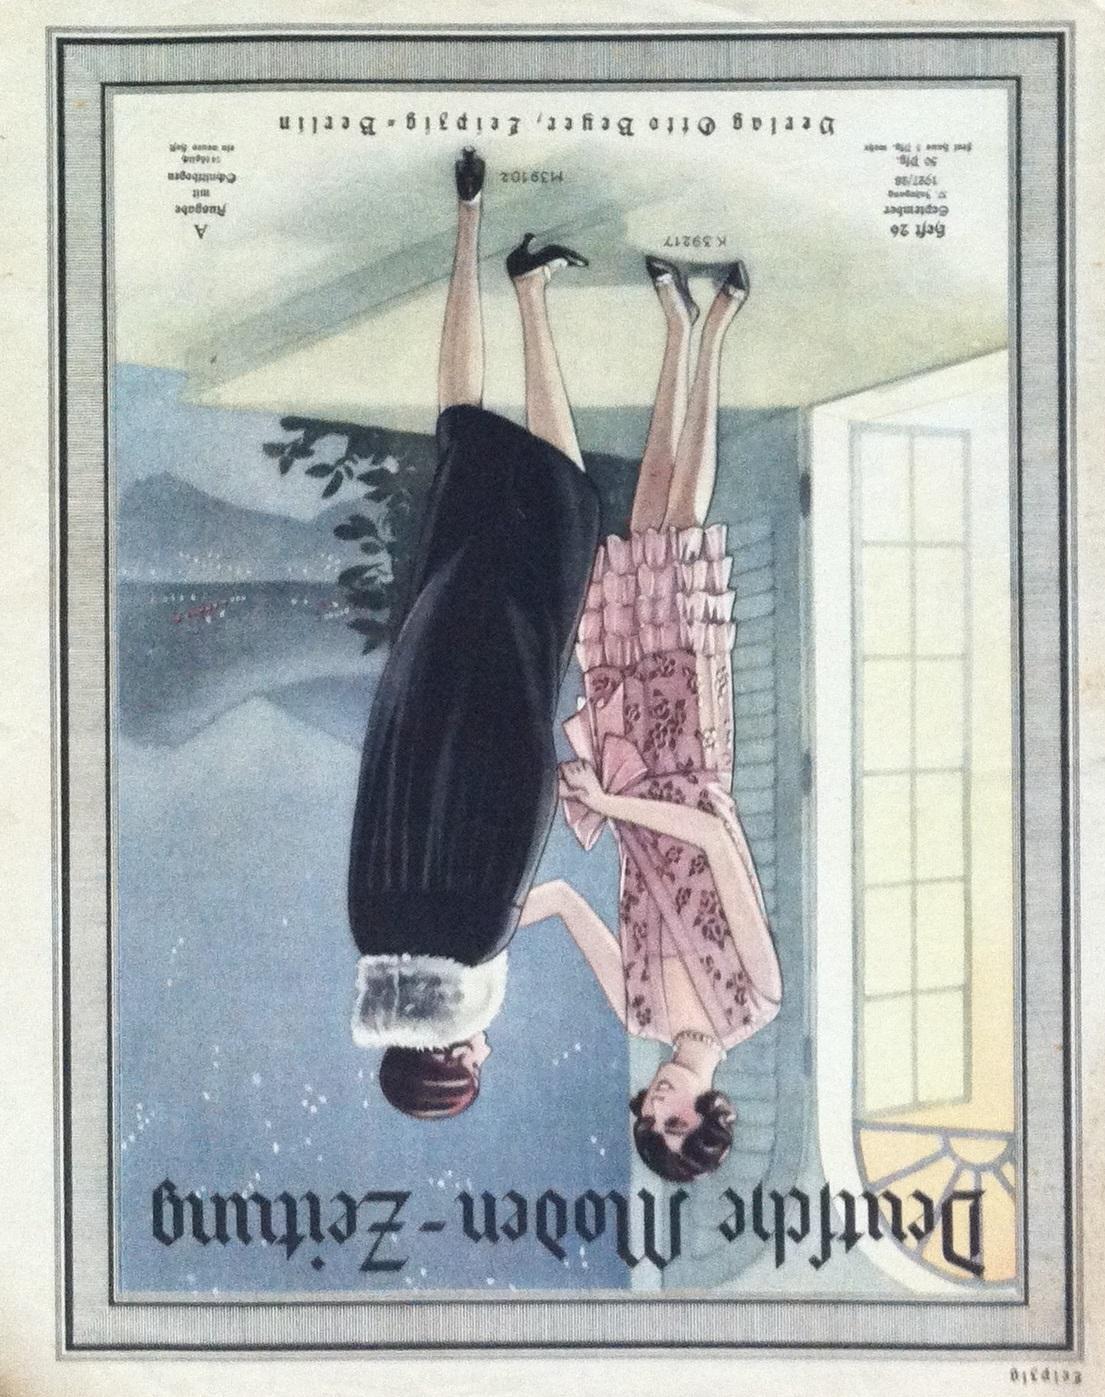 Deutsche Moden-Zeitung No. 26 Vol. 37 1927/28